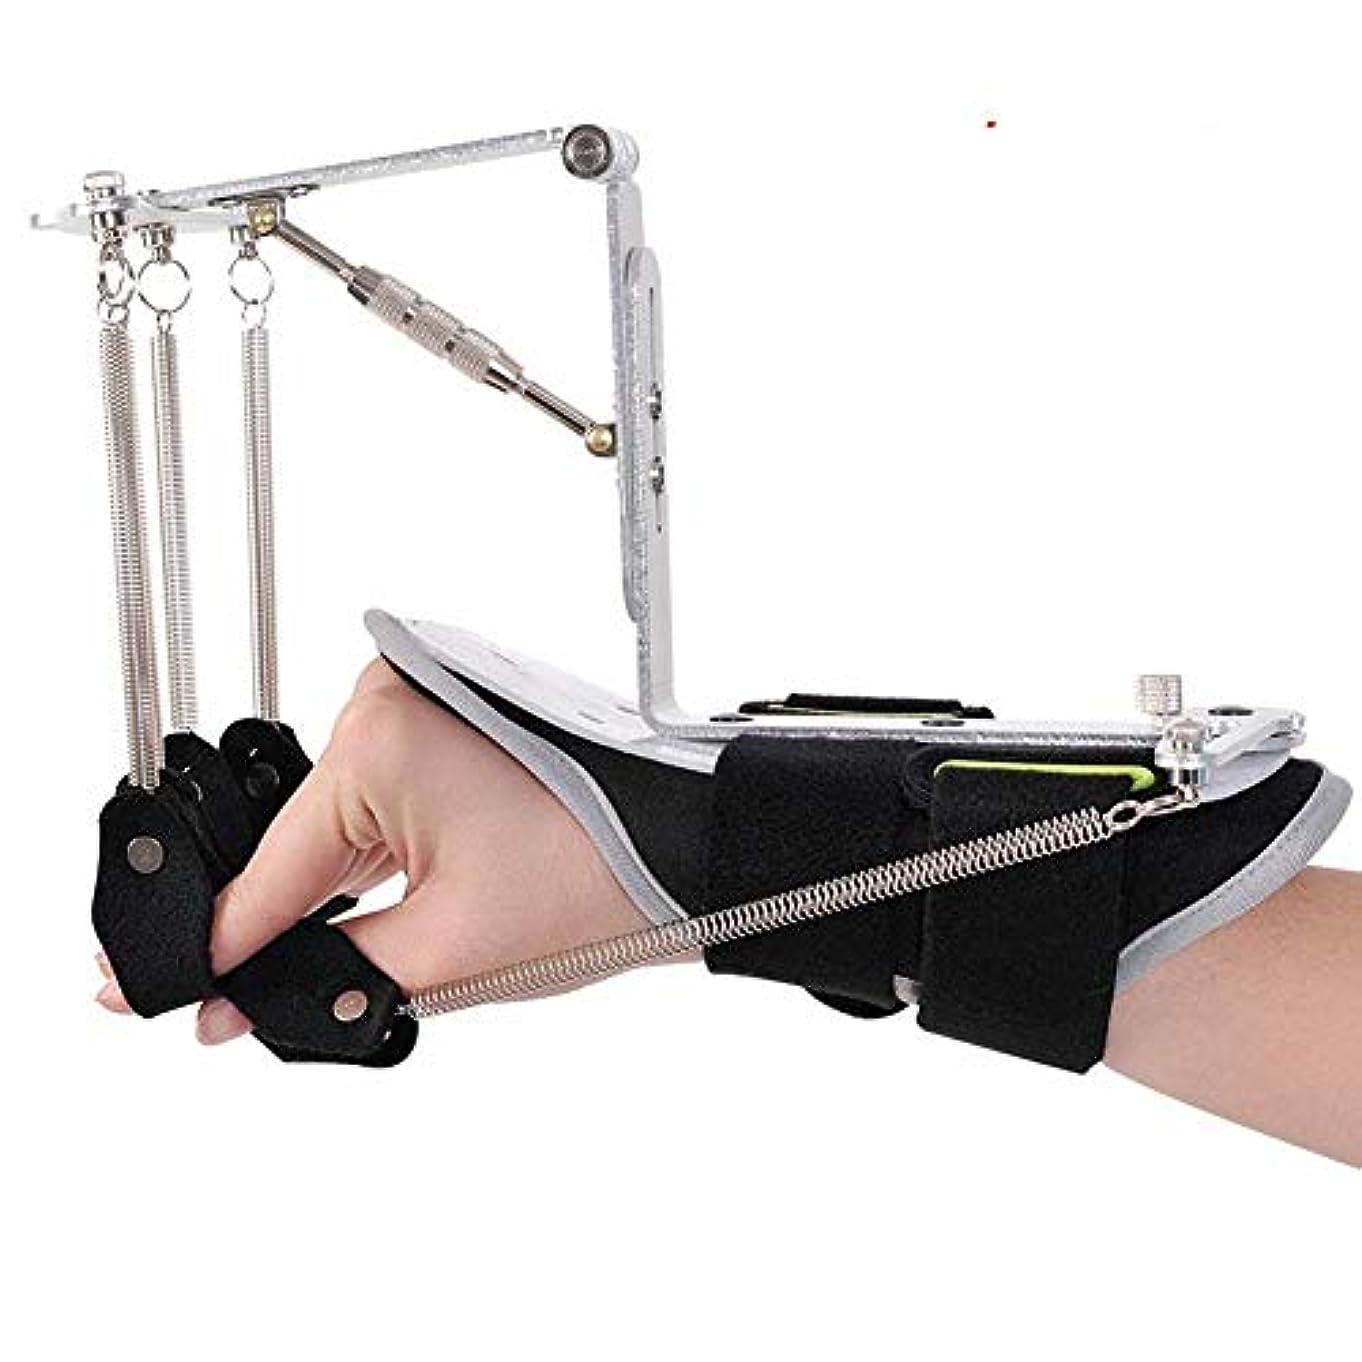 不要二次マント片麻痺患者の指の怪我のサポート、手首のリハビリテーショントレーニング、脳卒中装具,A